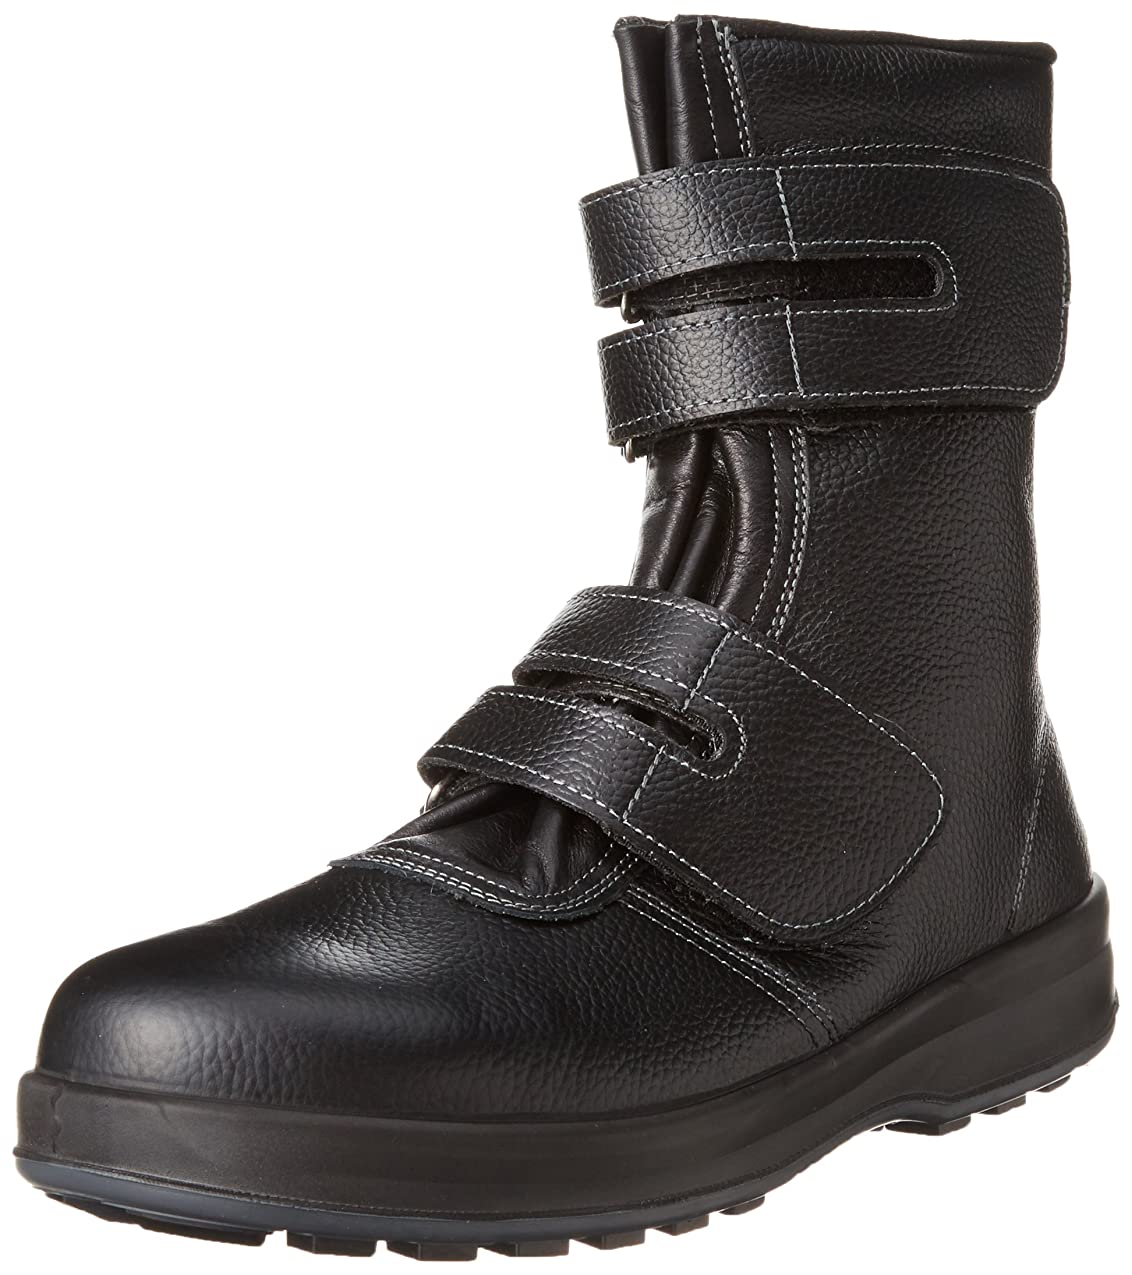 [シモン] 安全靴 長編上 マジック JIS規格 耐滑 快適 軽快 WS38黒